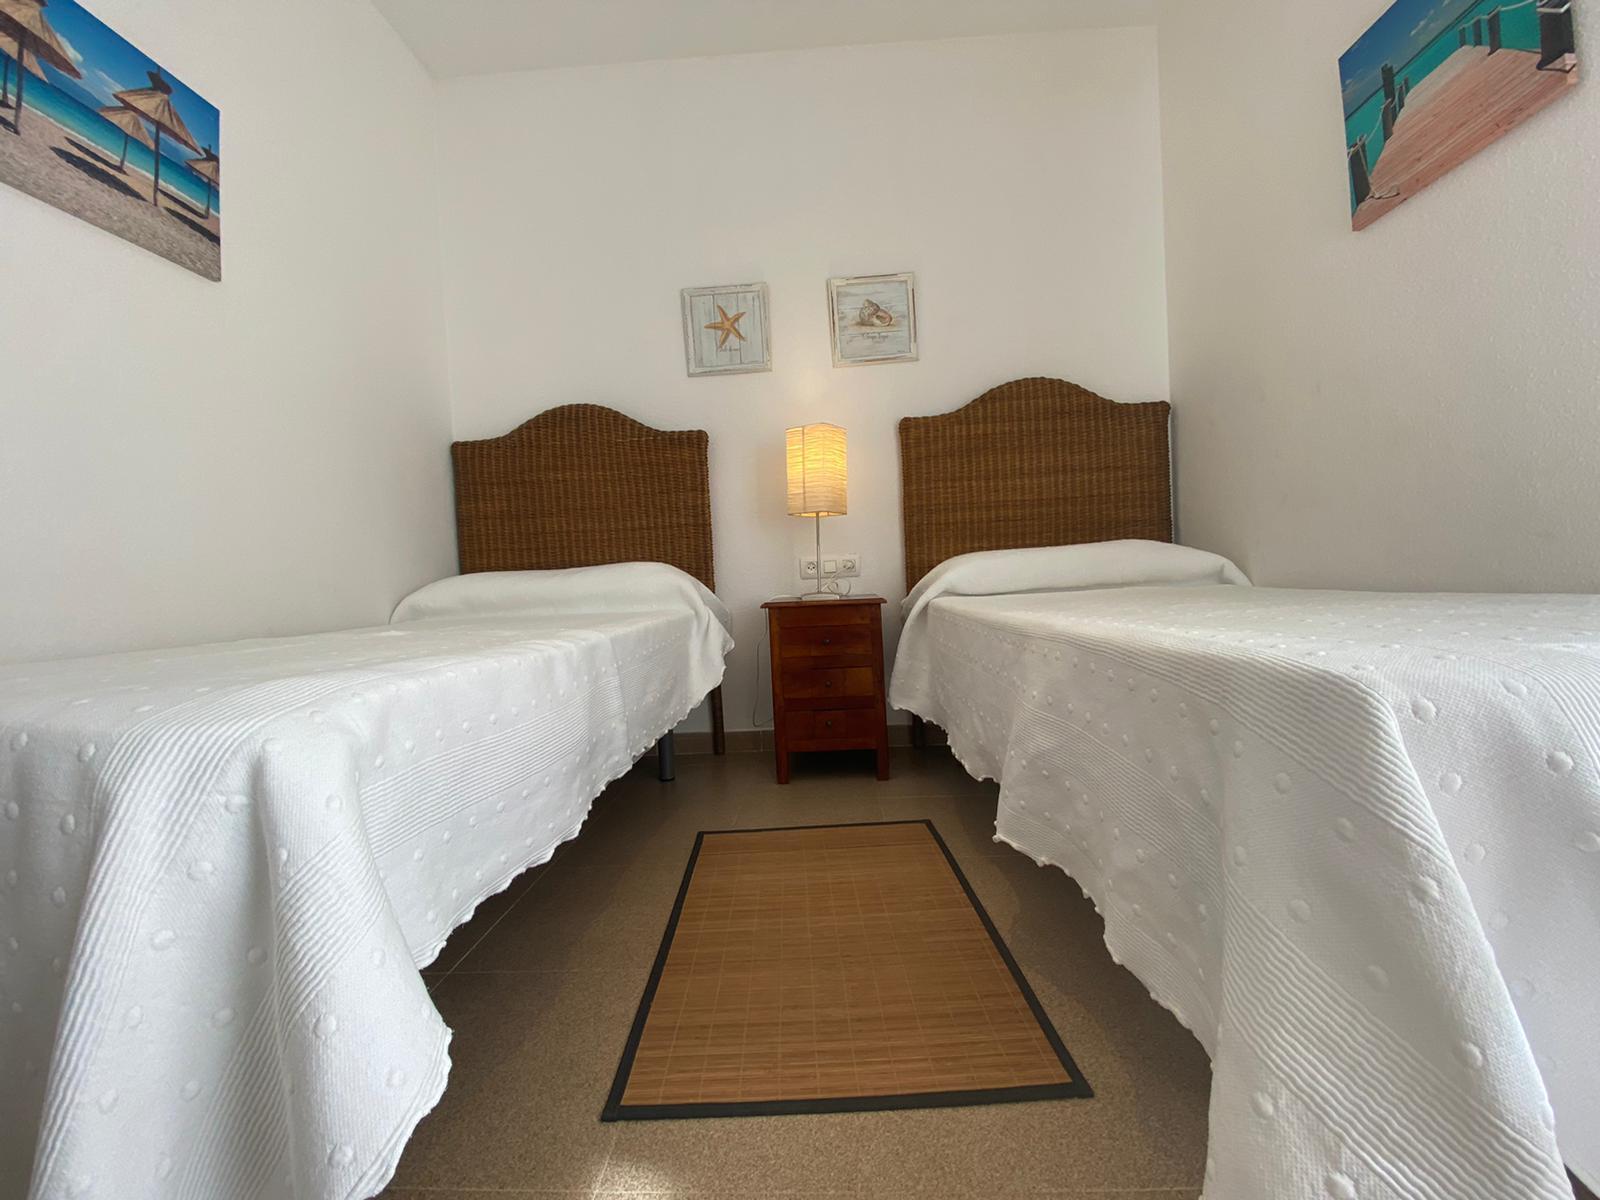 Imagen 33 del Apartamento Turístico, Ático 3 Levante, Frontal (4d+2b), Punta del Moral (HUELVA), Paseo de la Cruz nº22